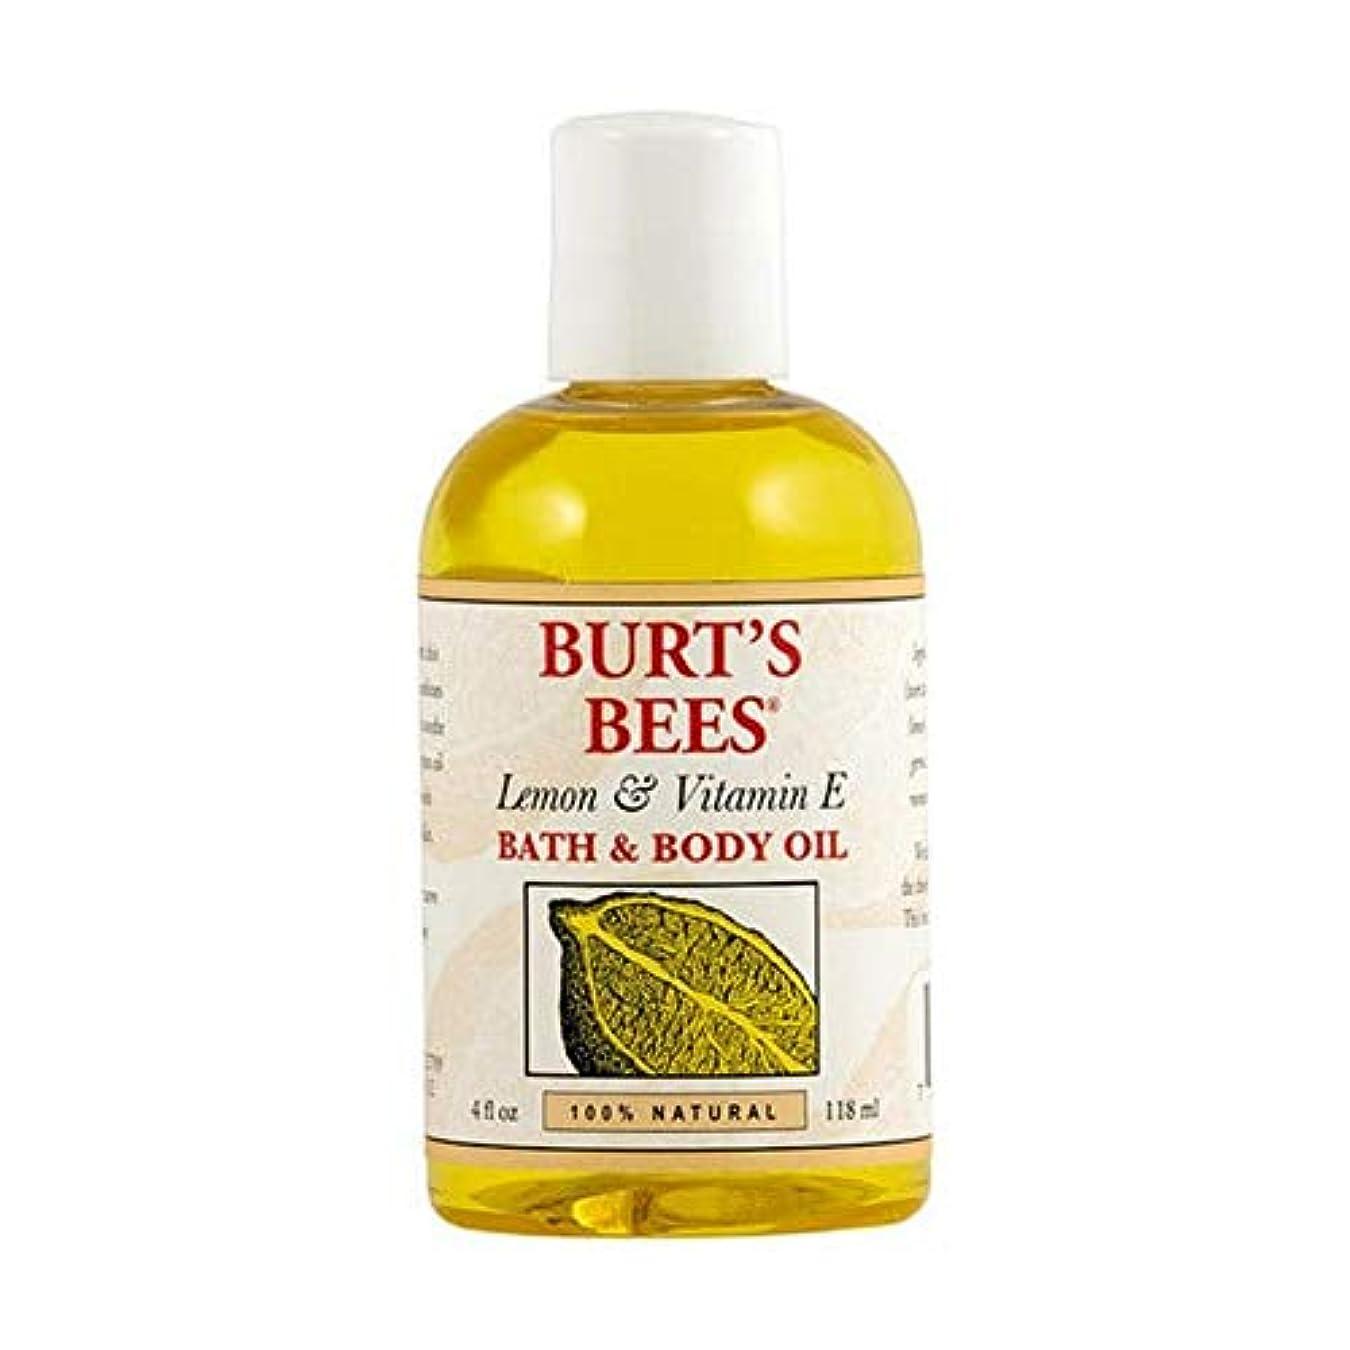 背骨そっとアノイ[Burt's Bees ] バーツビーレモンとビタミンE体とバスオイル115ミリリットル - Burt's Bees Lemon and Vitamin E Body and Bath Oil 115ml [並行輸入品]